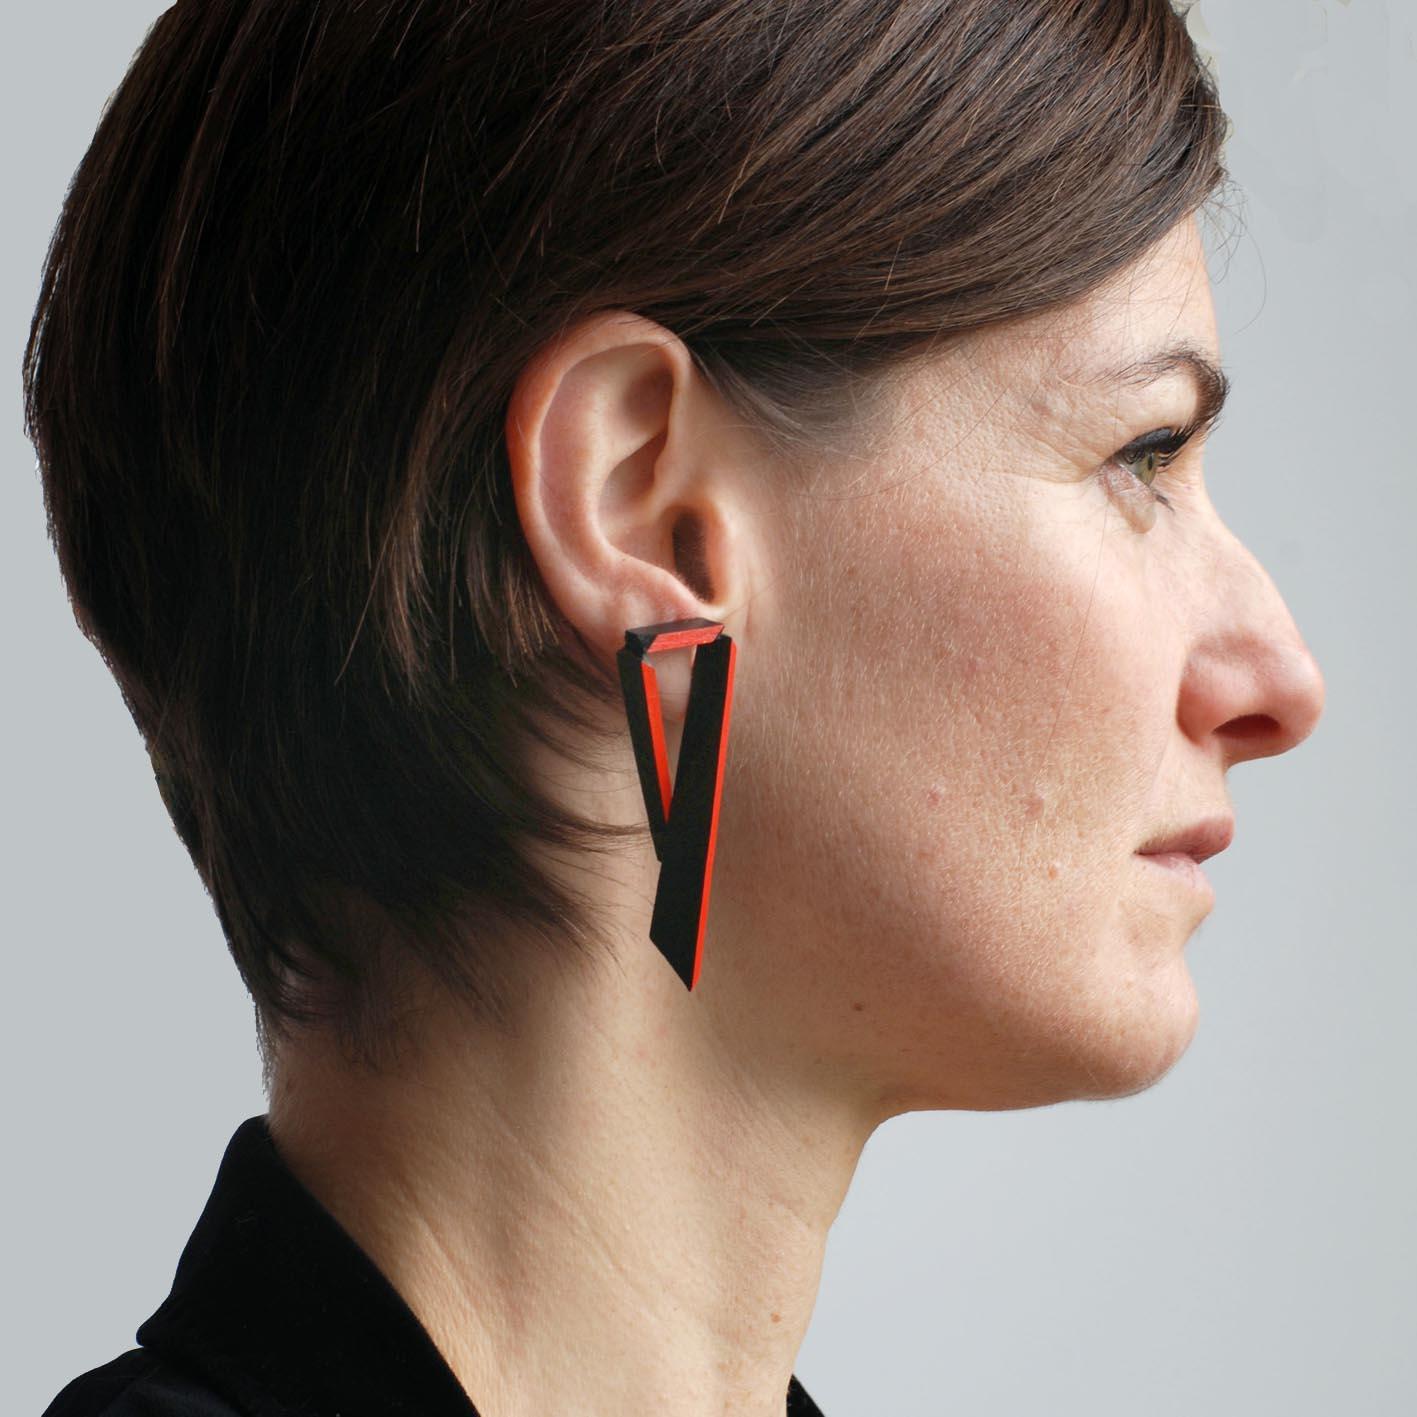 Long Angled Earrings - Black & Red - modelled.jpg